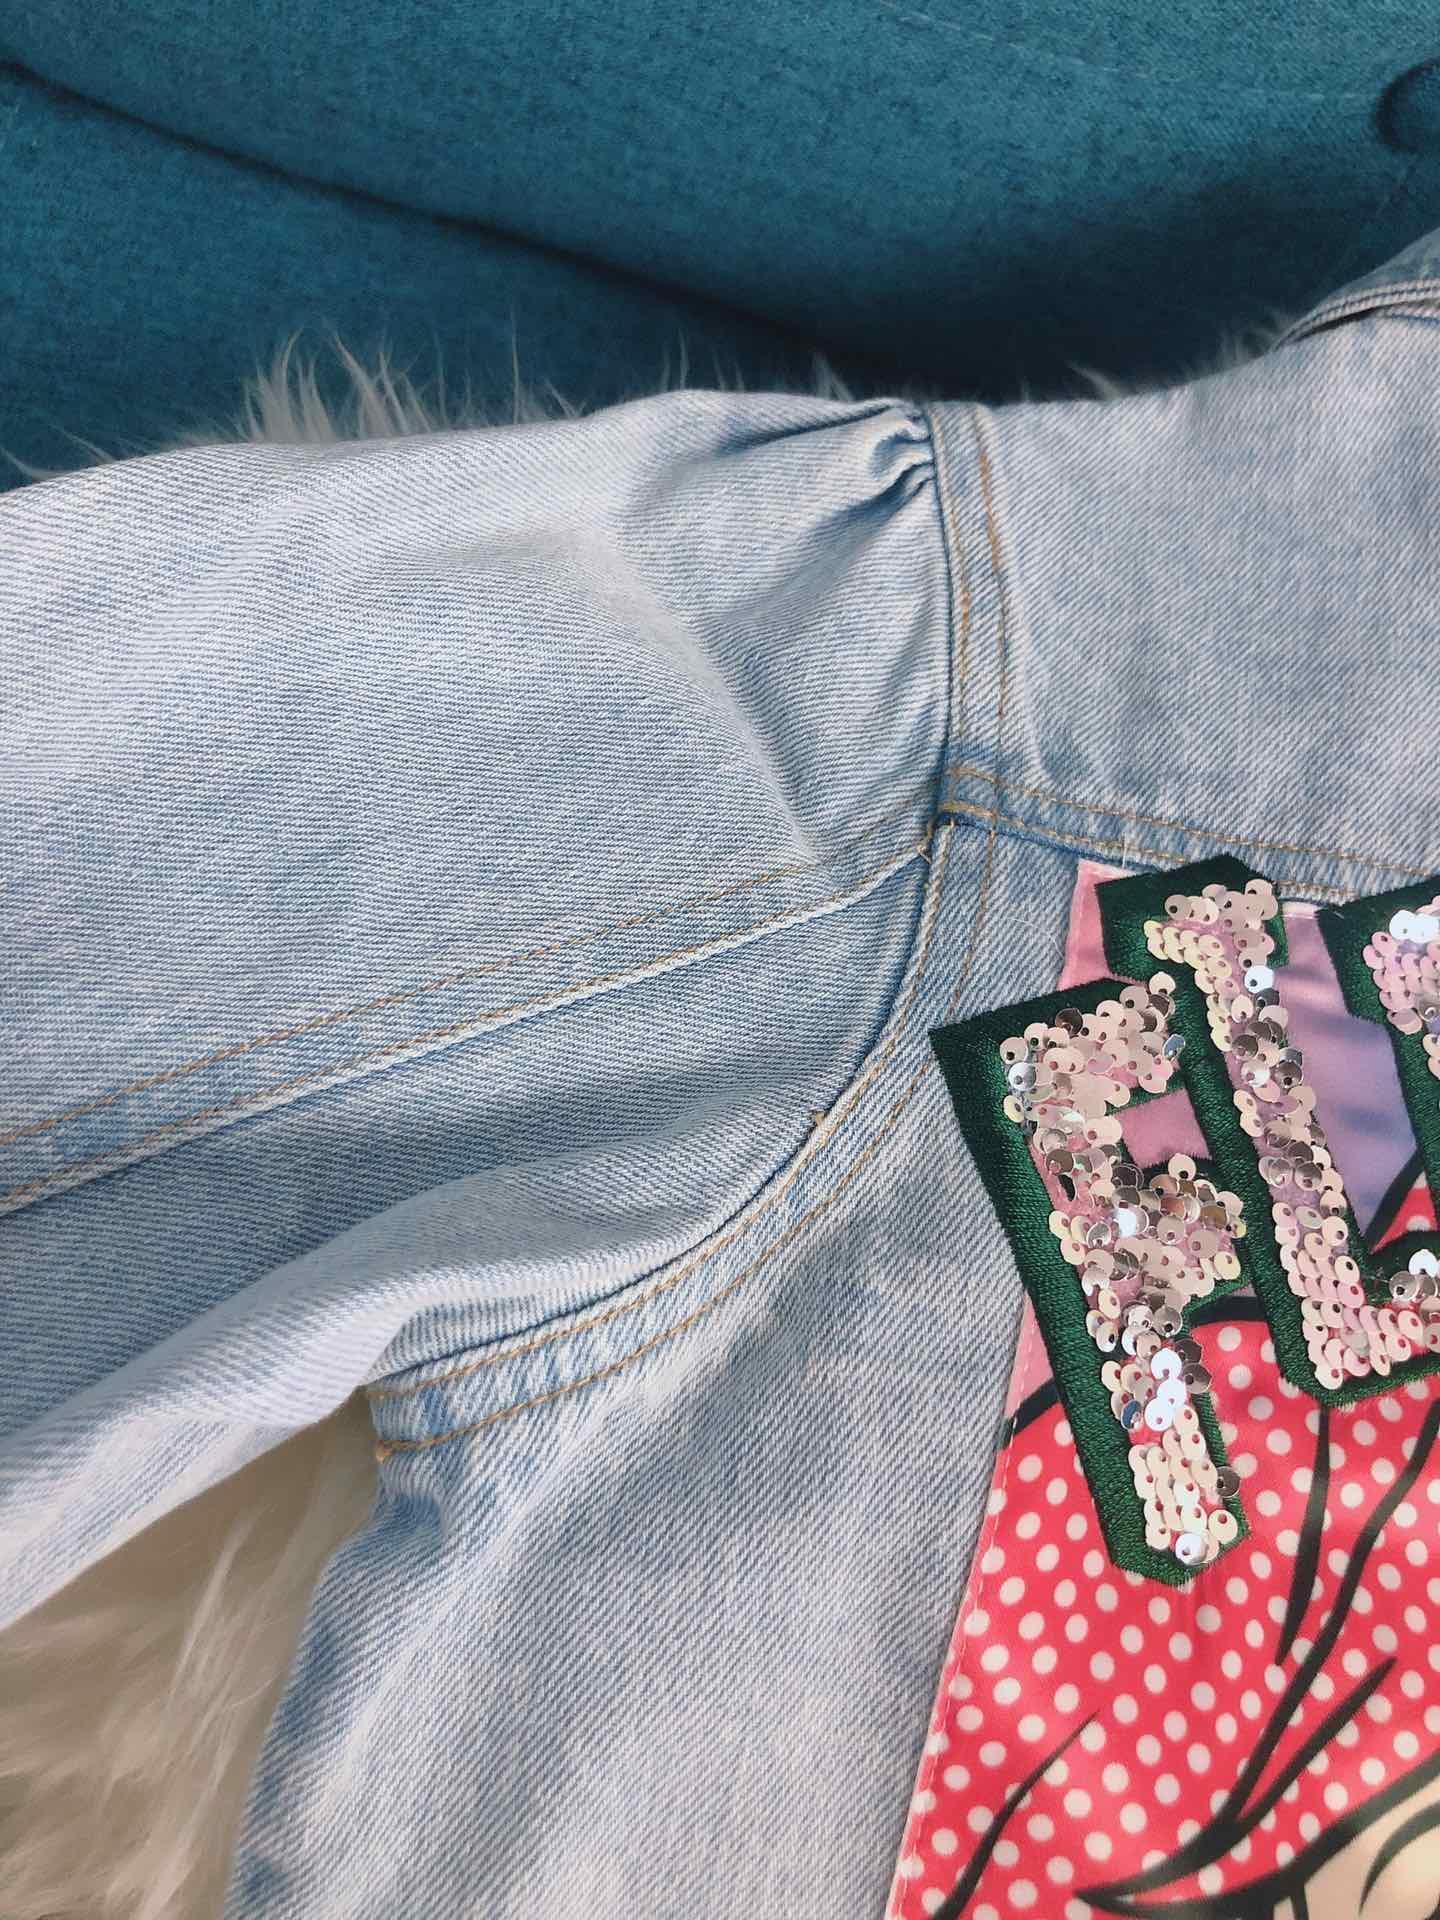 Giacca di jeans Ragazza Nuova moda Icone classiche di cartone animato Risvolto di stile Bambini lunghi Primavera Autunno Ricamo fiore cappotto caldo bambini